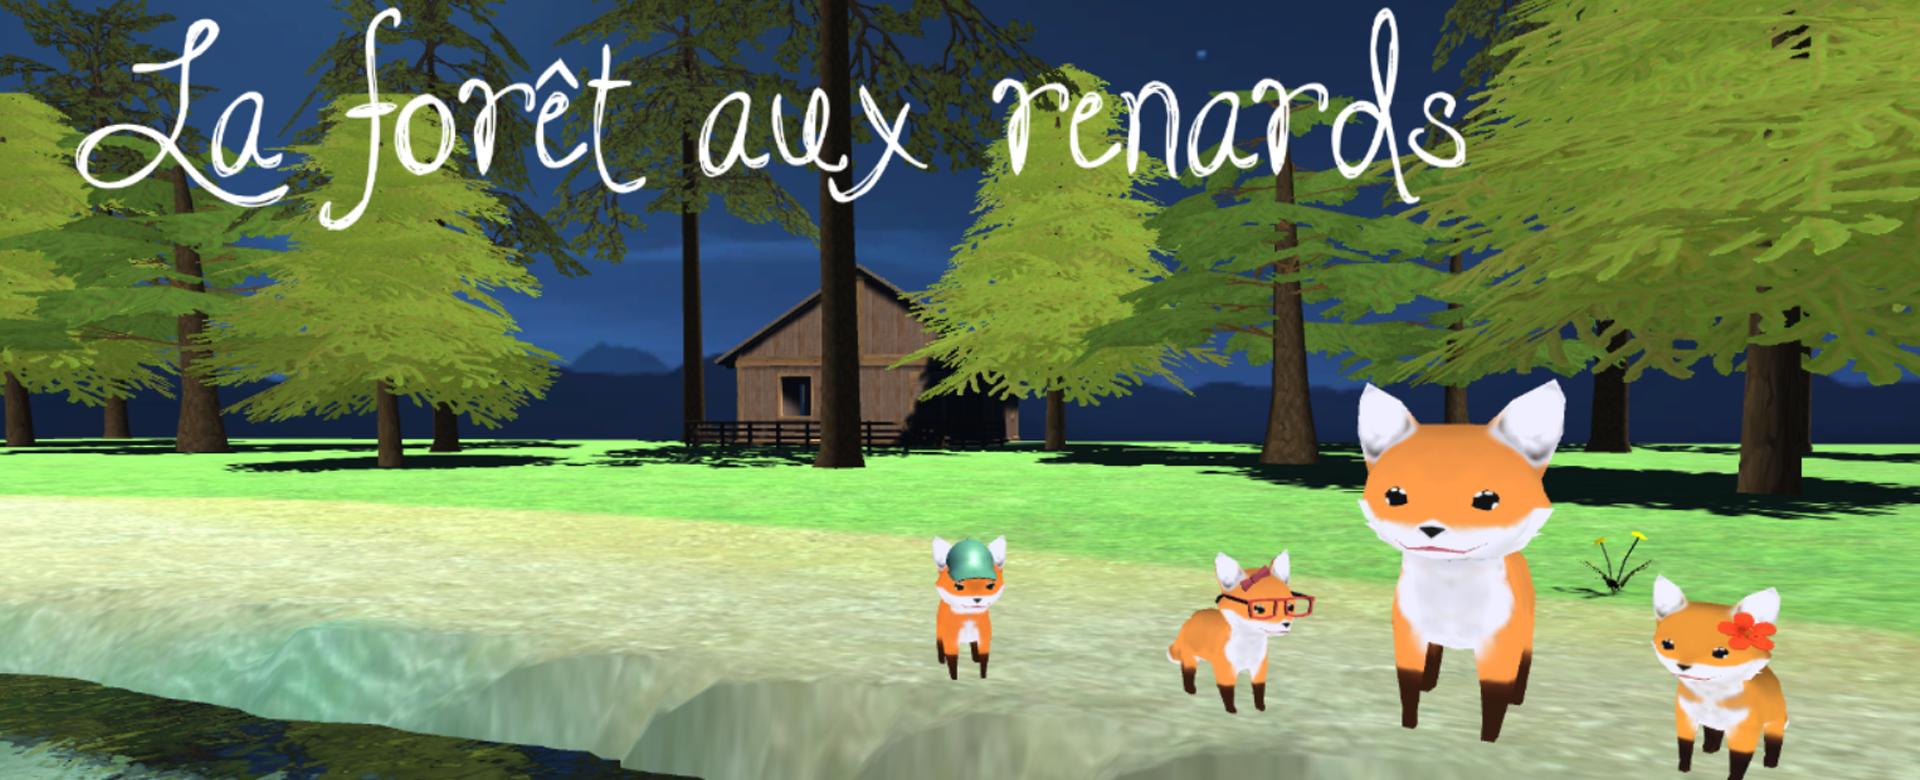 La forêt aux renards